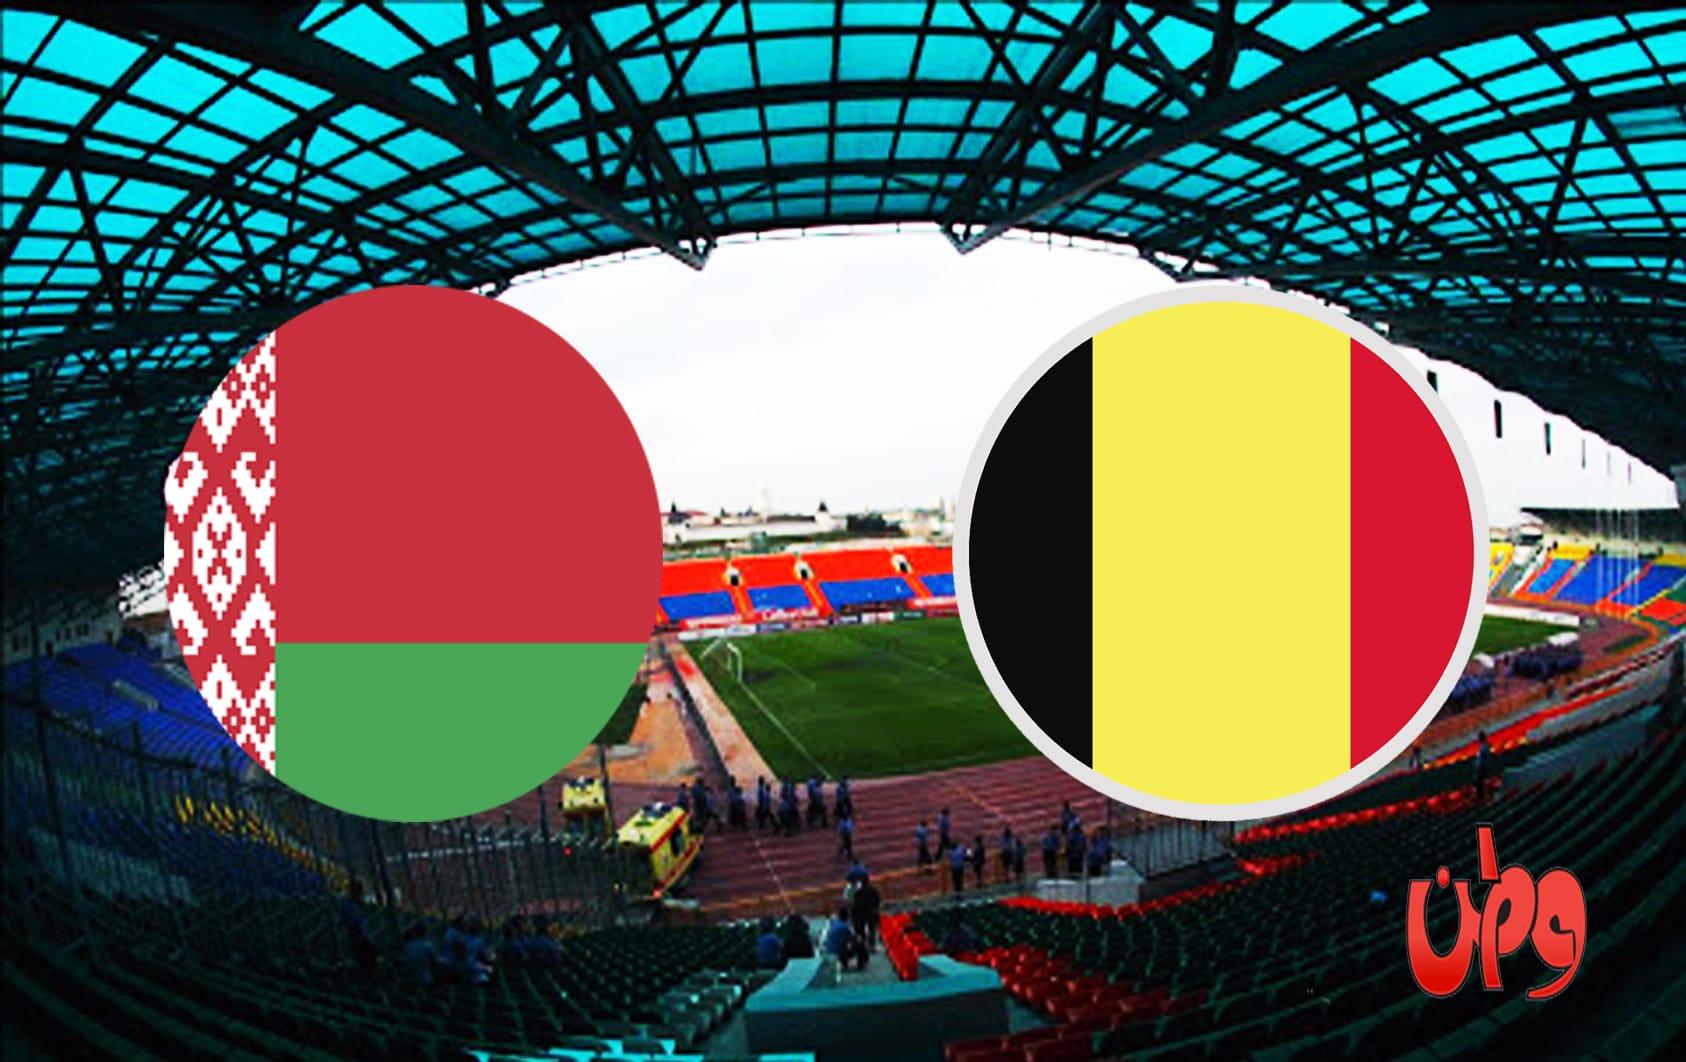 مباراة منتخب بلجيكا وبيلاروسيا في تصفيات كأس العالم 2022